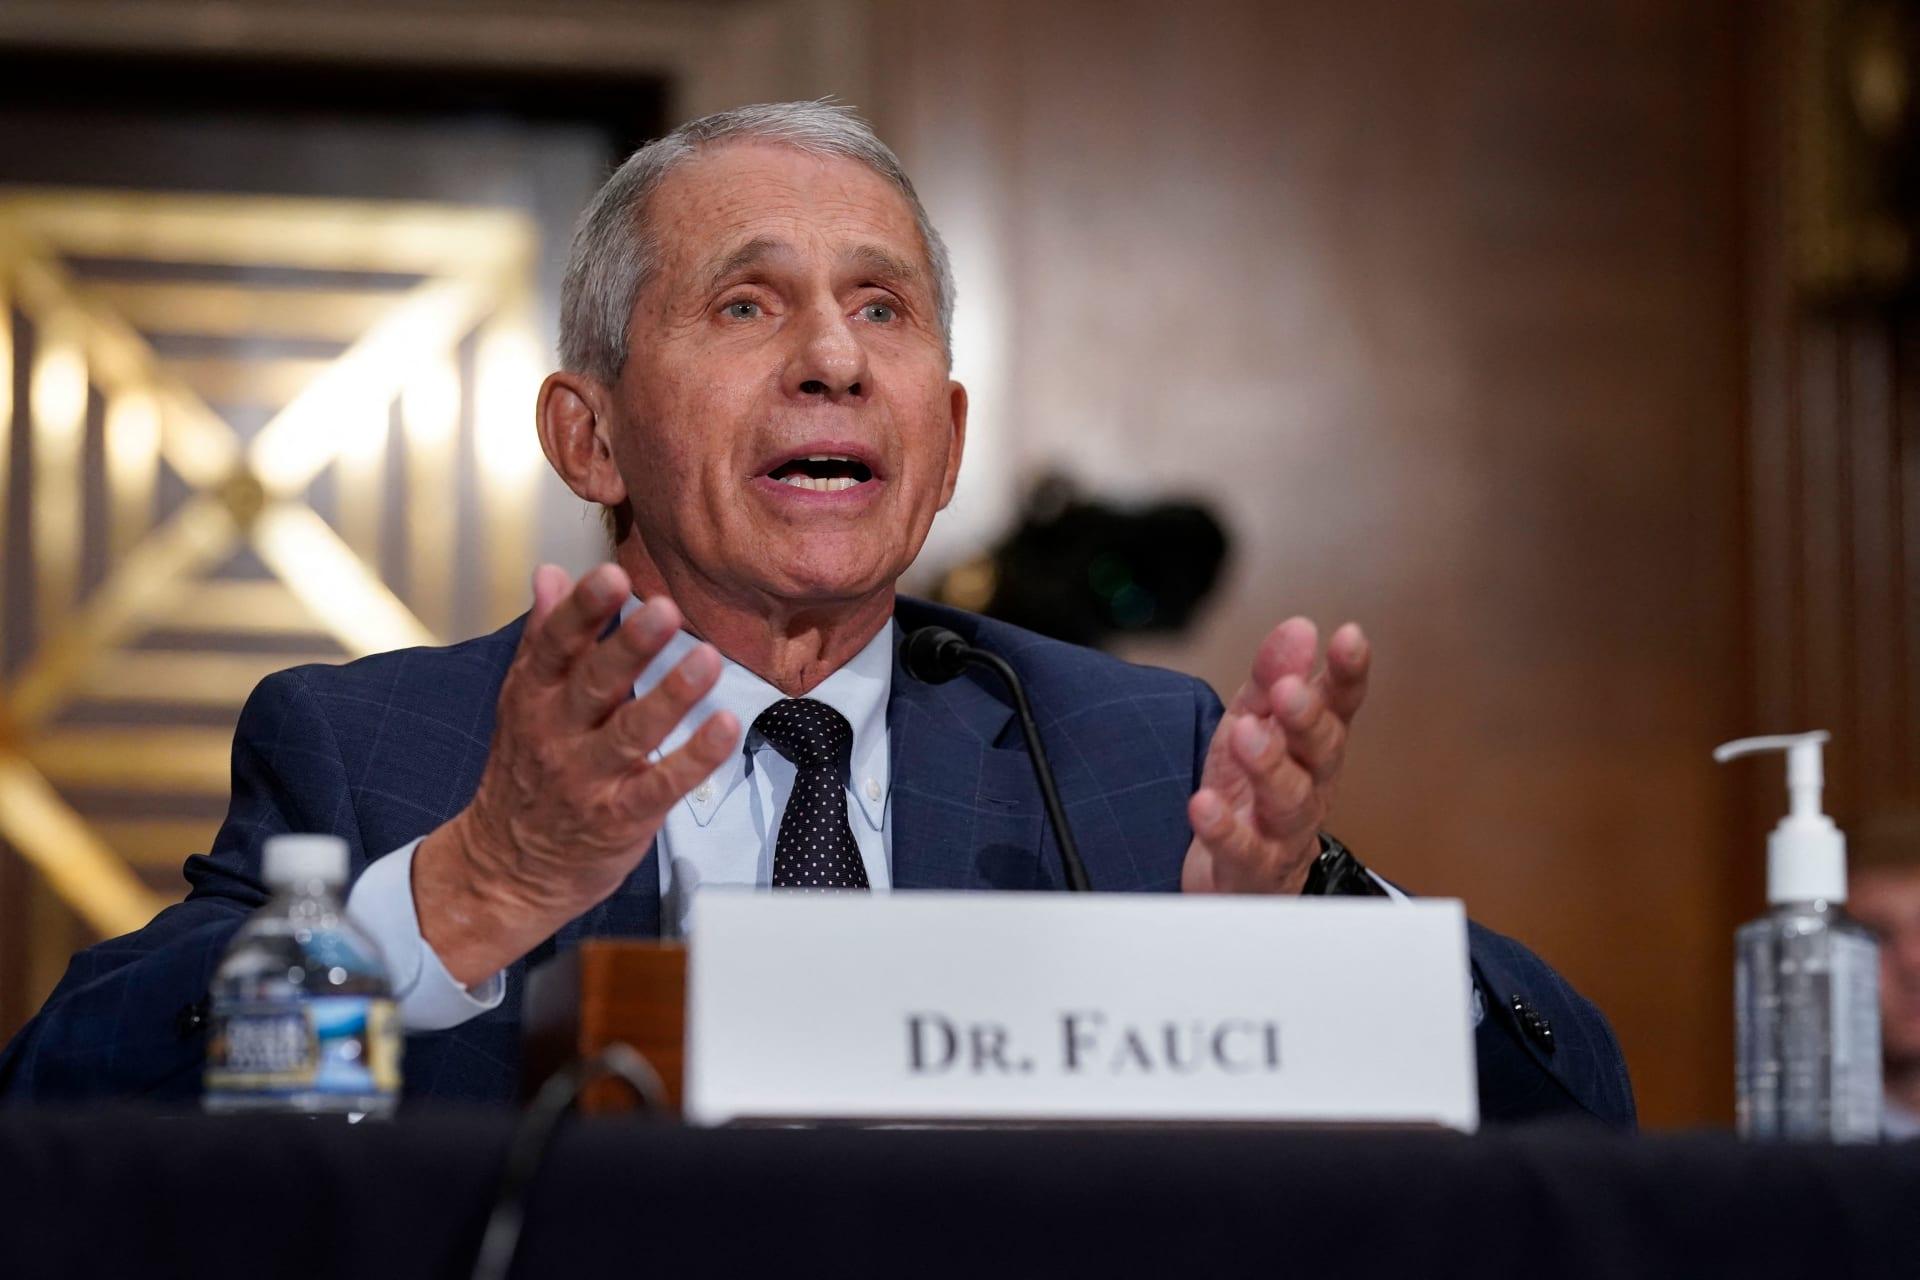 الدكتور أنتوني فوسي ، مدير المعهد الوطني للحساسية والأمراض المعدية في أمريكا